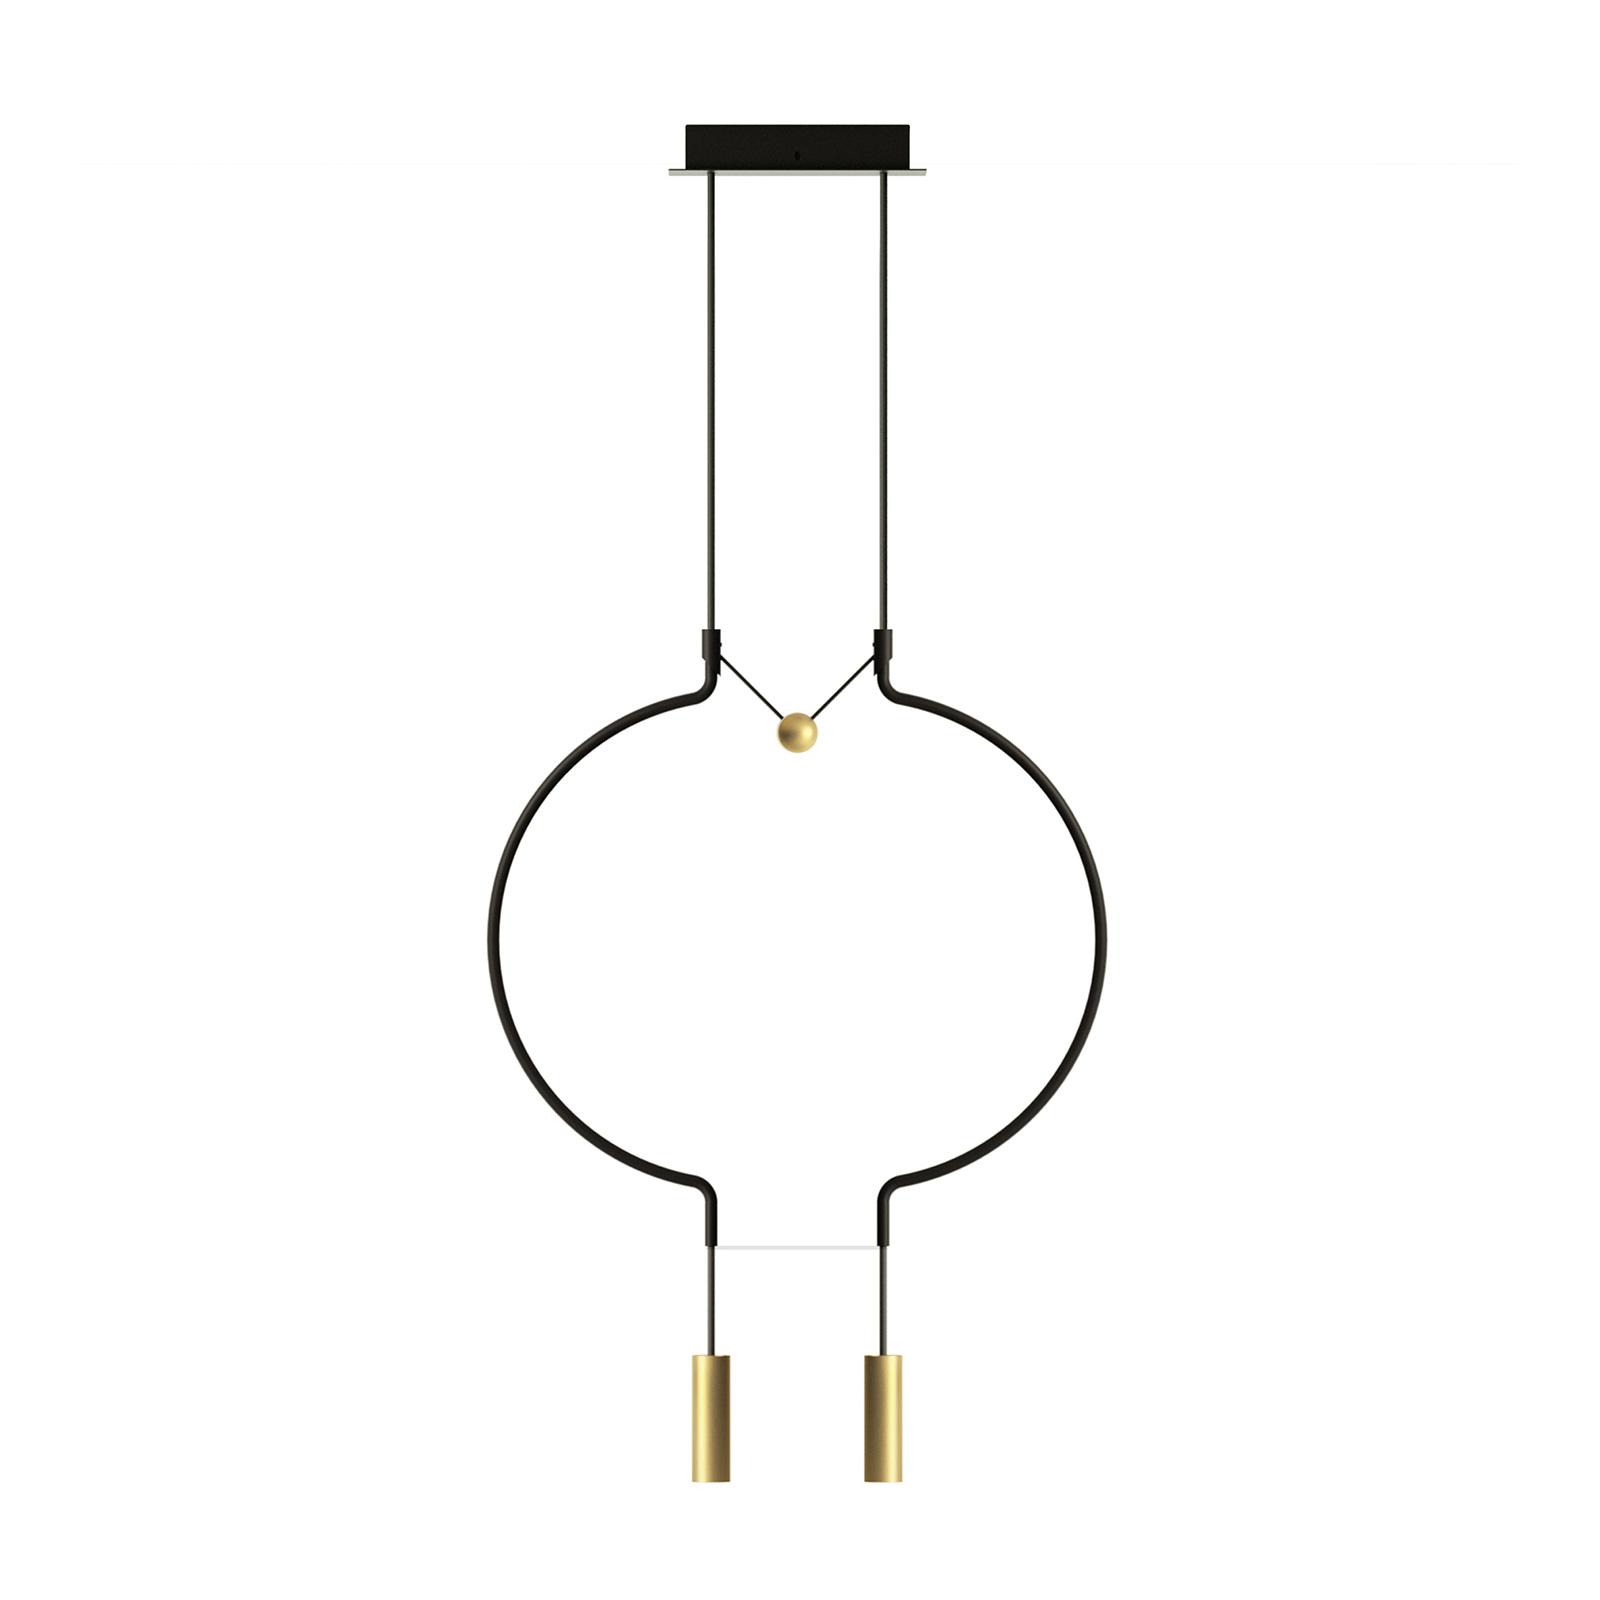 Axolight Liaison P2 hengelampe svart/gull 56 cm